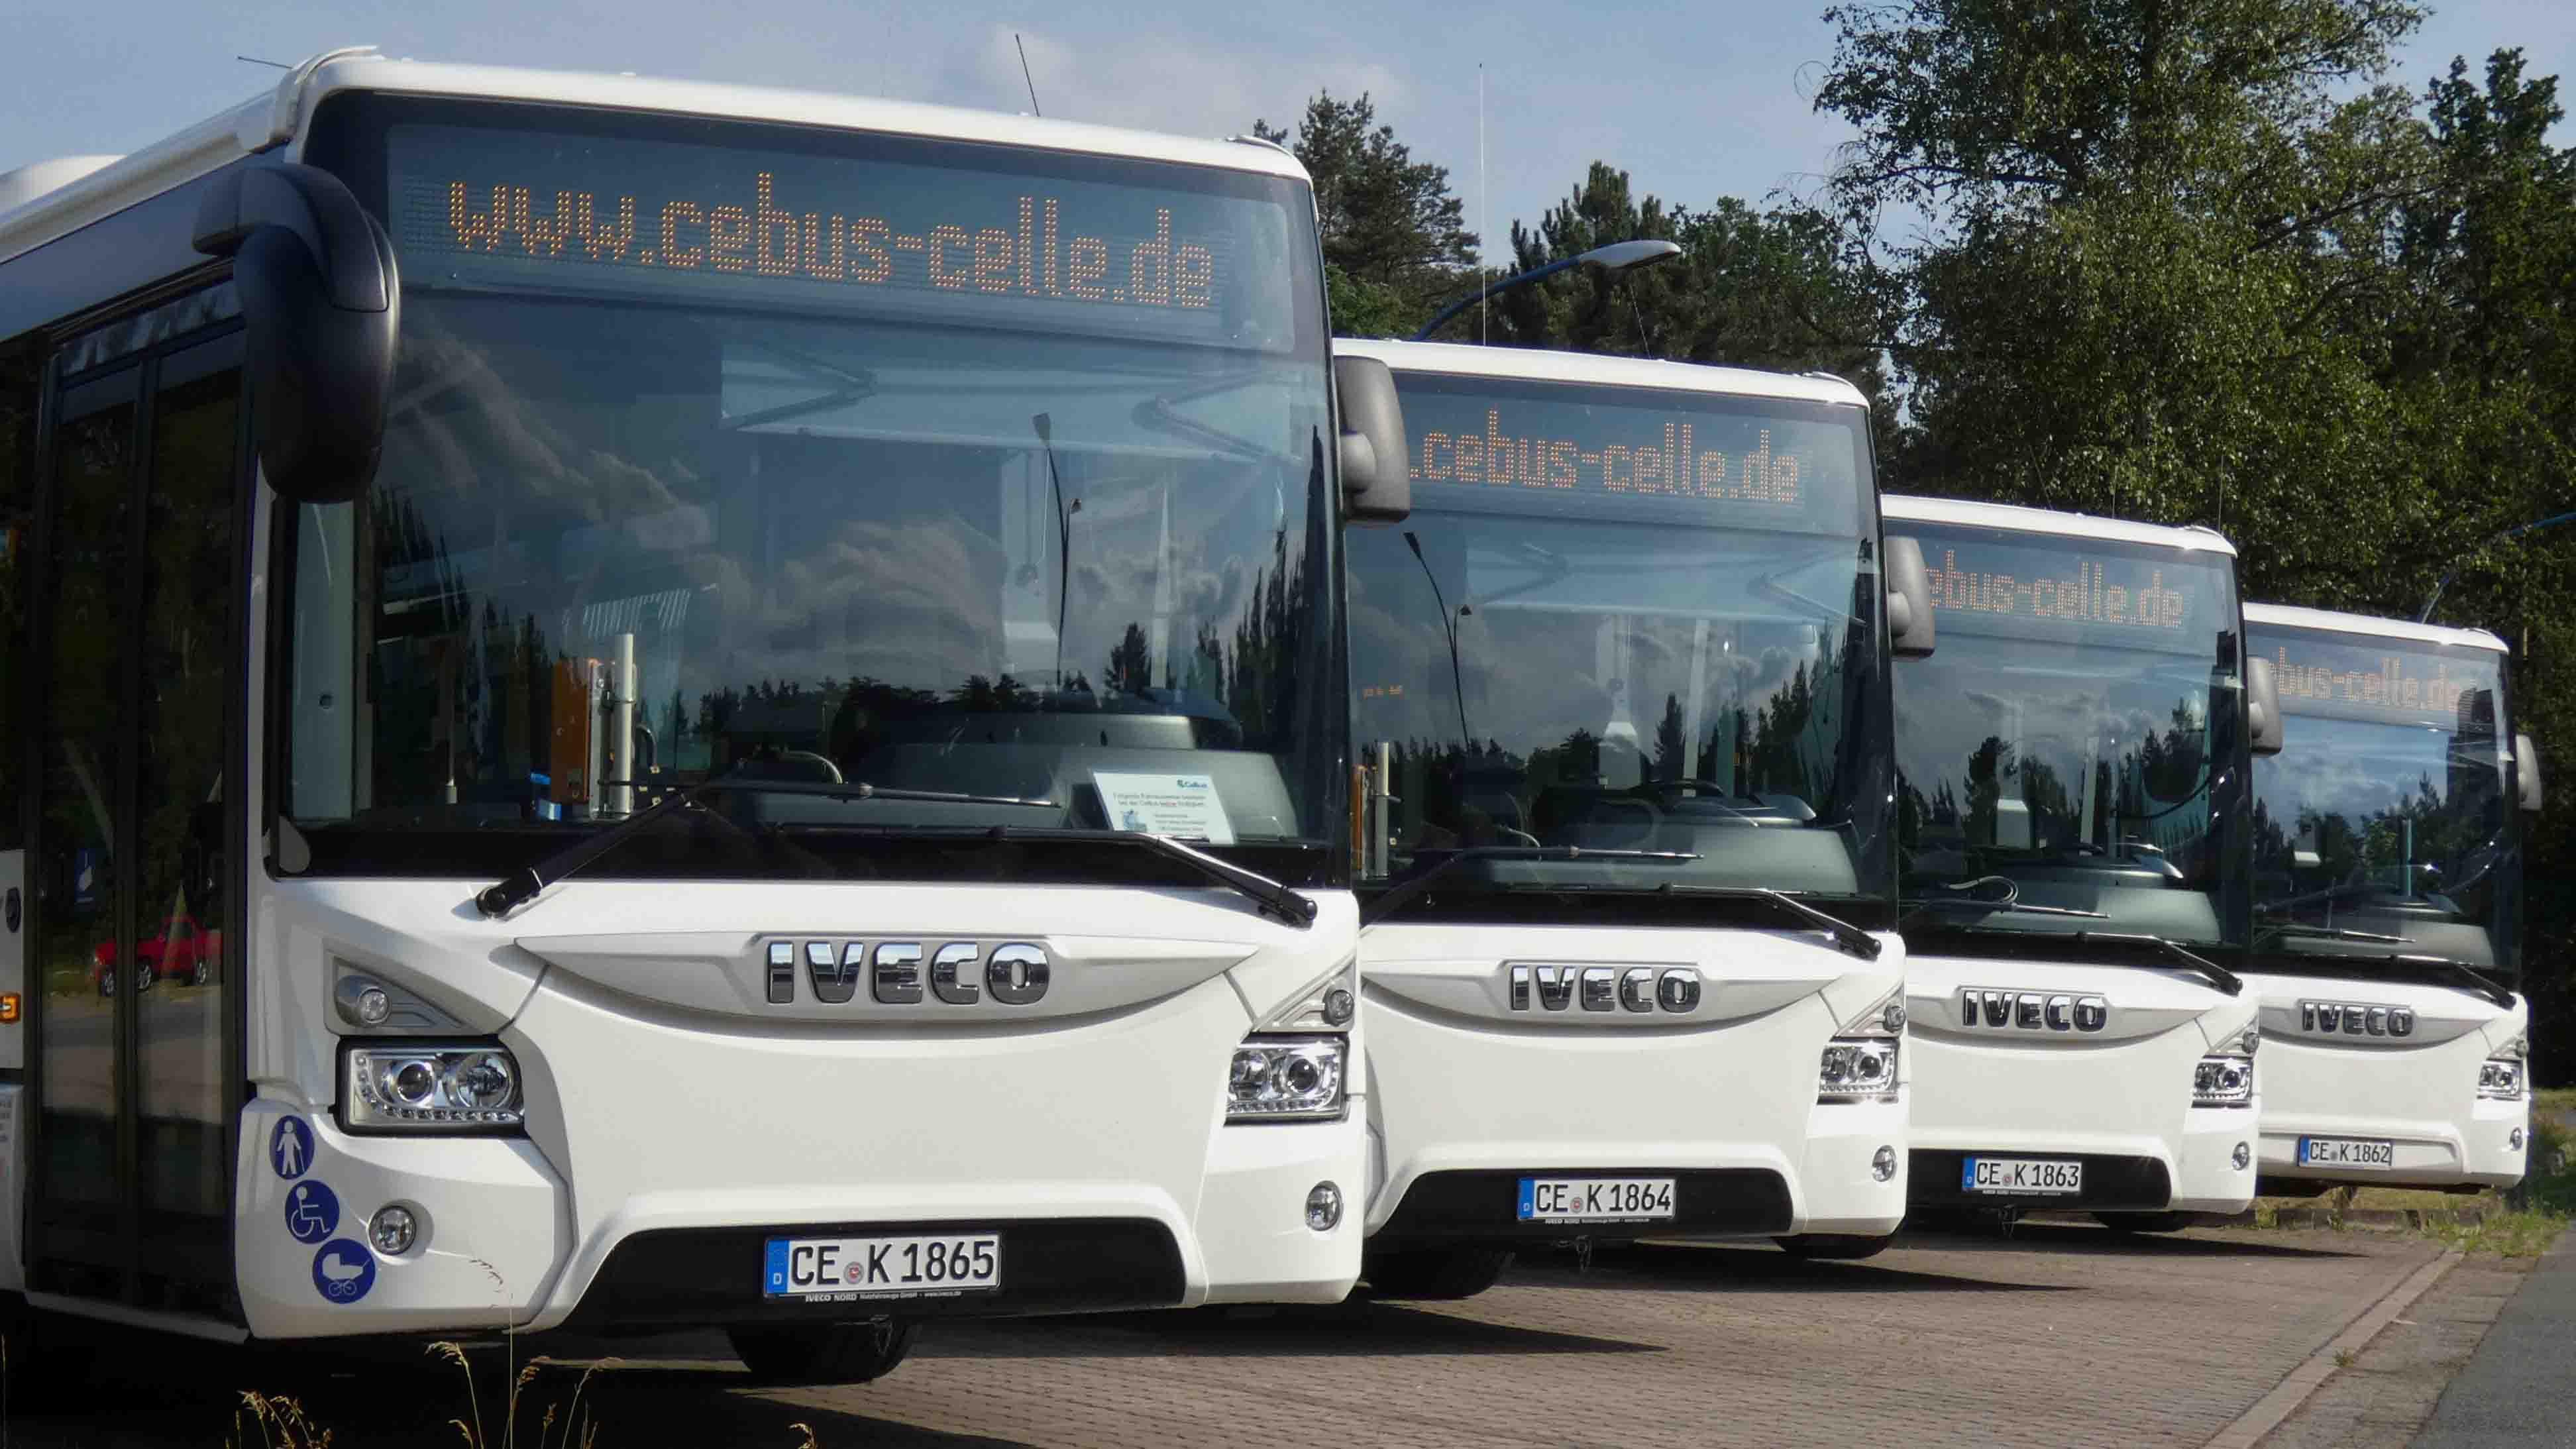 celle-cebus-busfahren-2